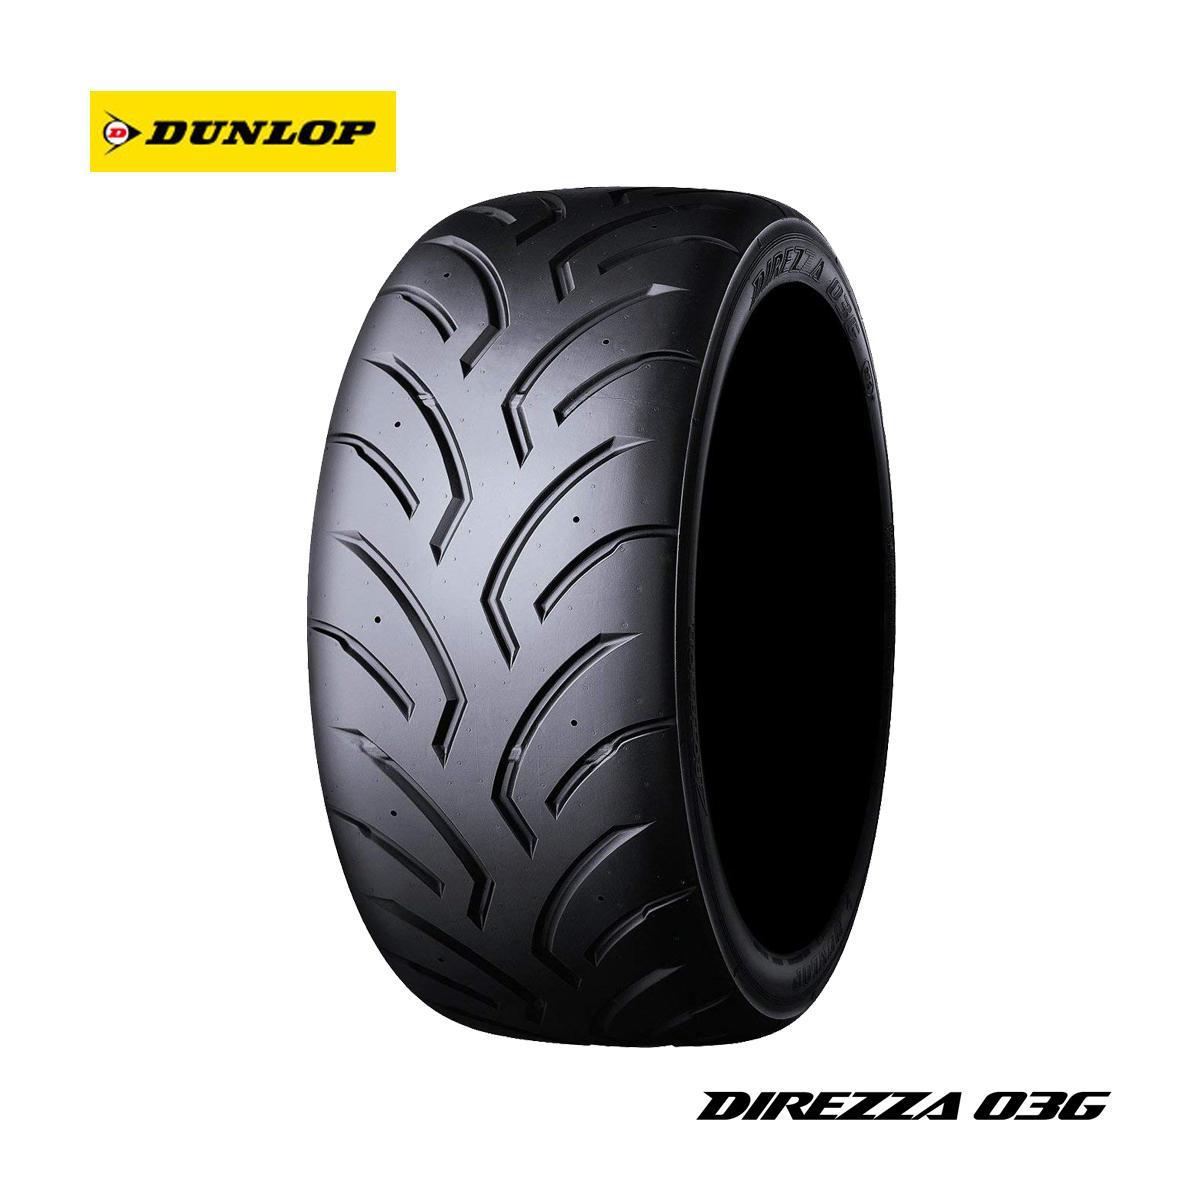 DUNLOPダンロップ国産Sタイヤハイグリップモータースポーツ4本セット15インチ205/50R15DIREZZAディレッツァ03GコンパウンドH1